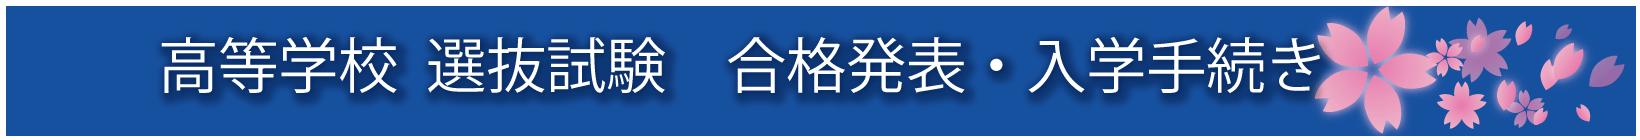 高等学校選抜試験合格発表・入学手続き